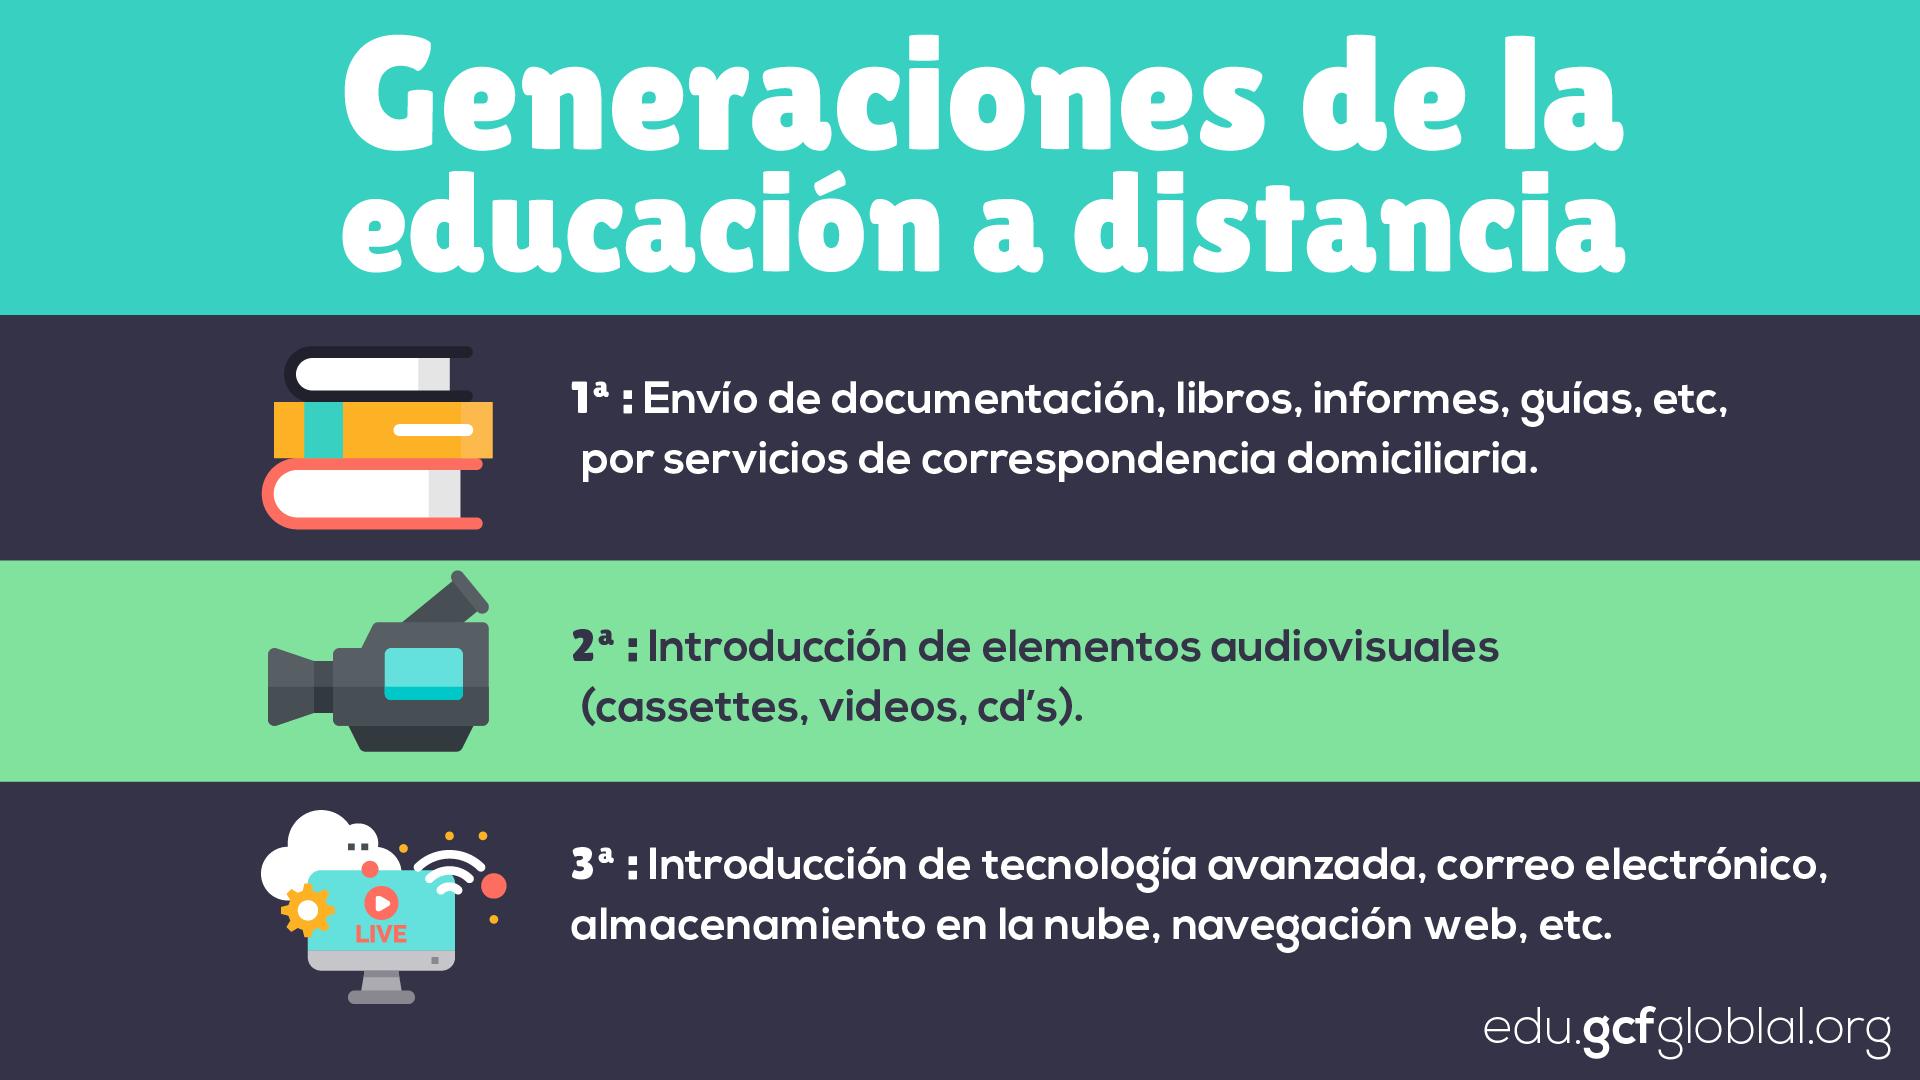 Generaciones de la educación a distancia.